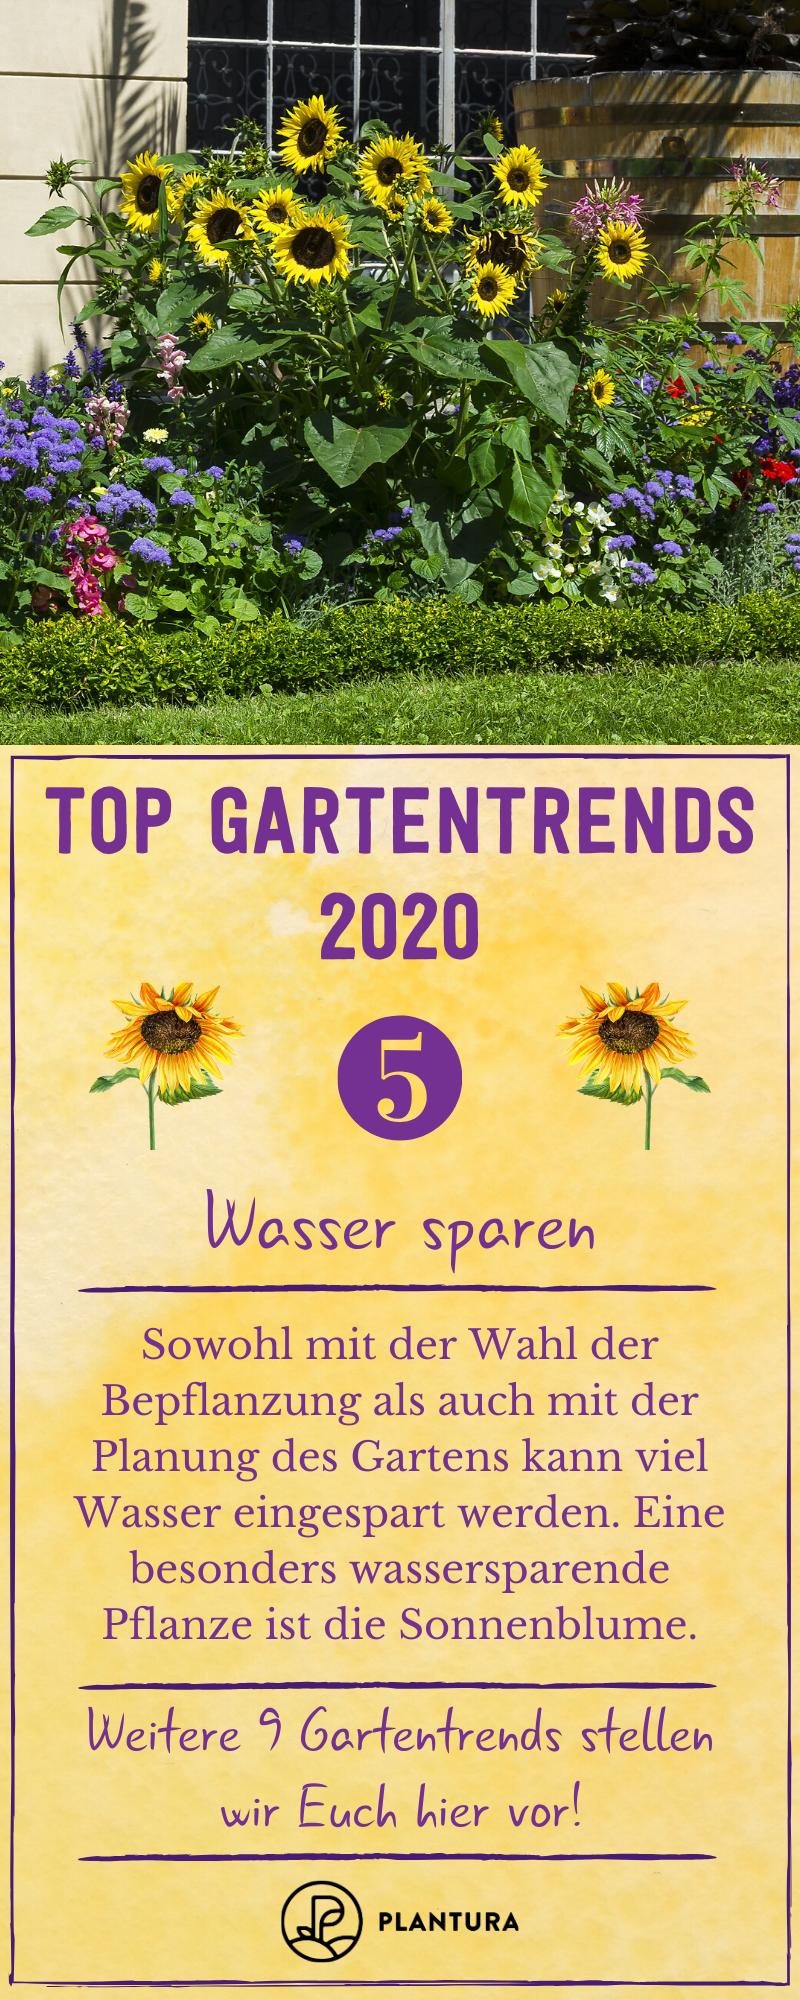 pflegeleichter garten Es gibt viele Mglichkeiten, wie man im Garten Wasser einsparen kann. Diesen und weitere Gartentrends stellen wir Euch hier vor! #gartentrends #wasser #garten